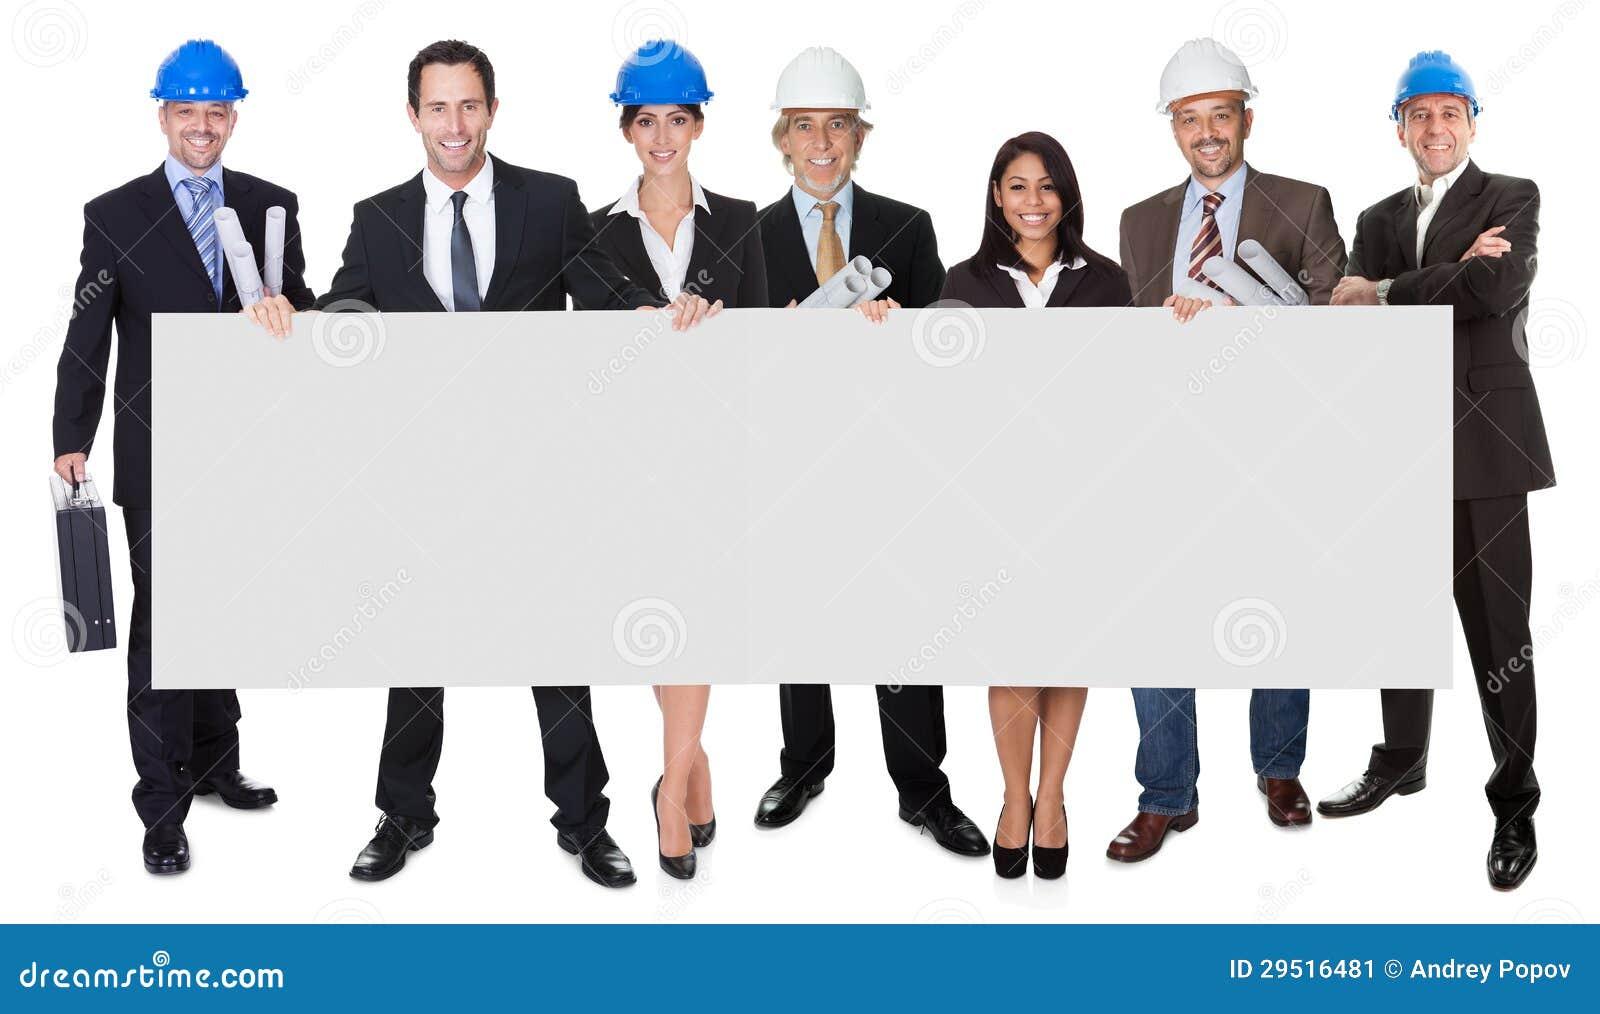 当前空的横幅的组建筑师